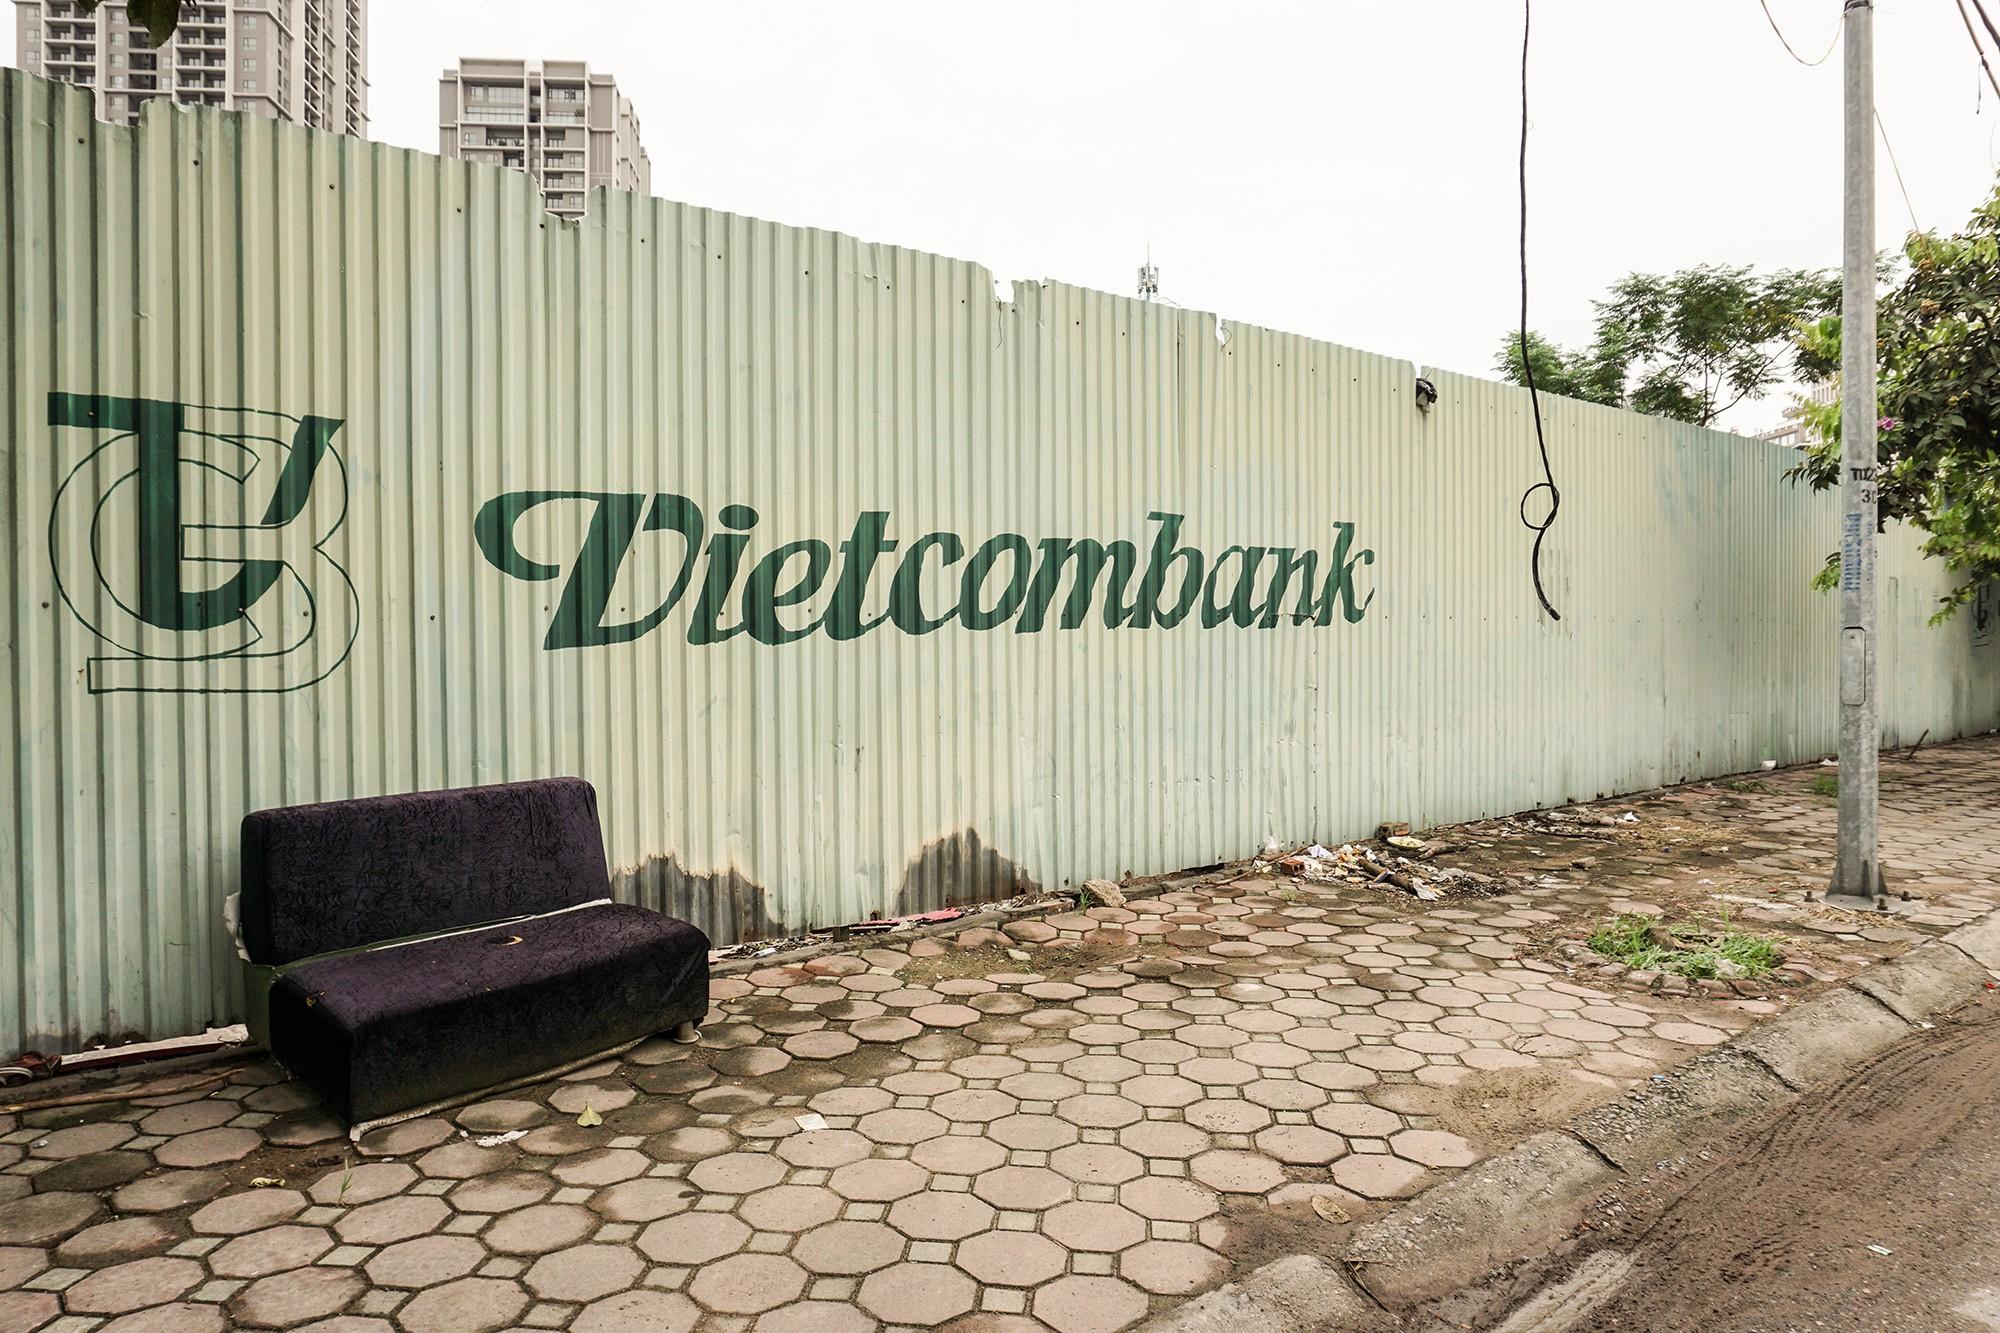 tru-so-vietcombank-8